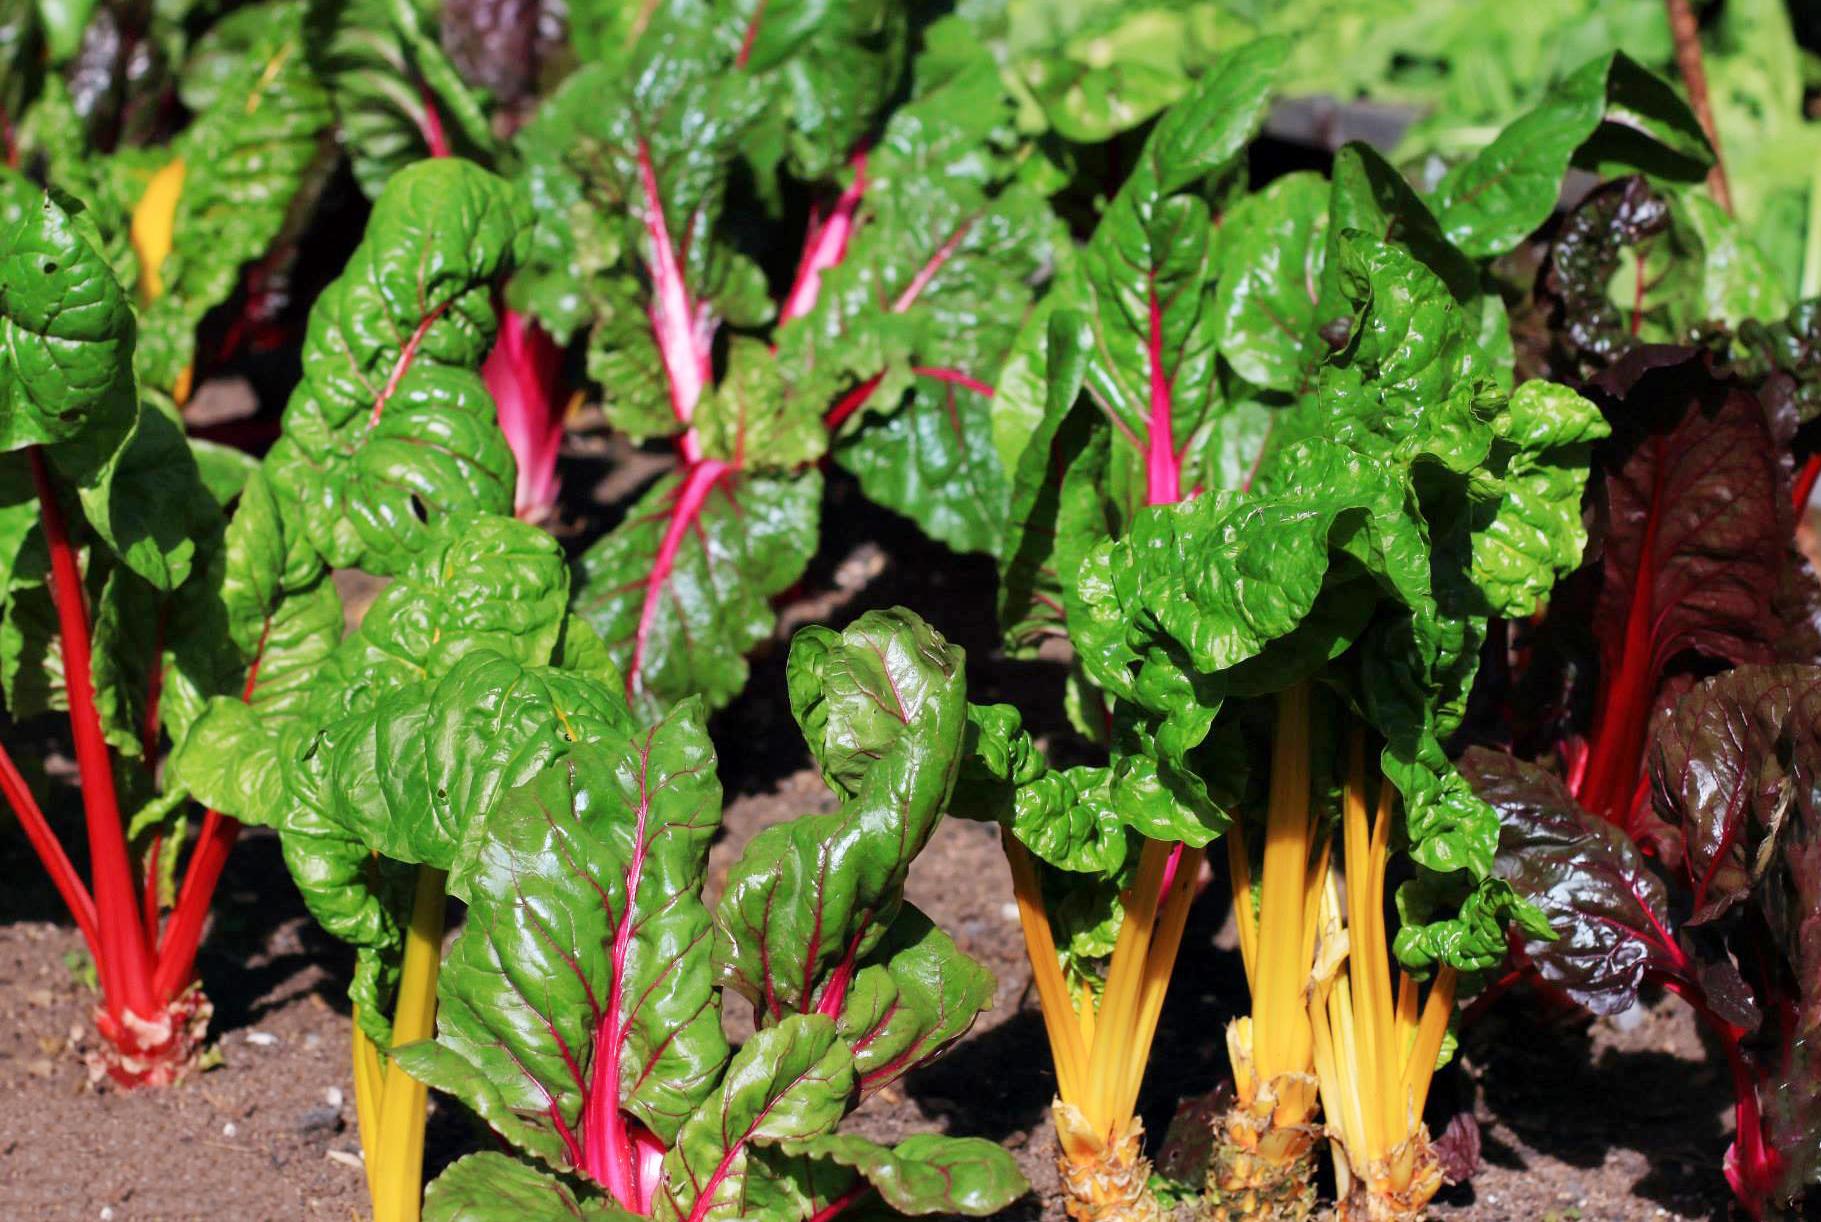 design vegetable decor ideas garden interior gardens and enchanting home backyard